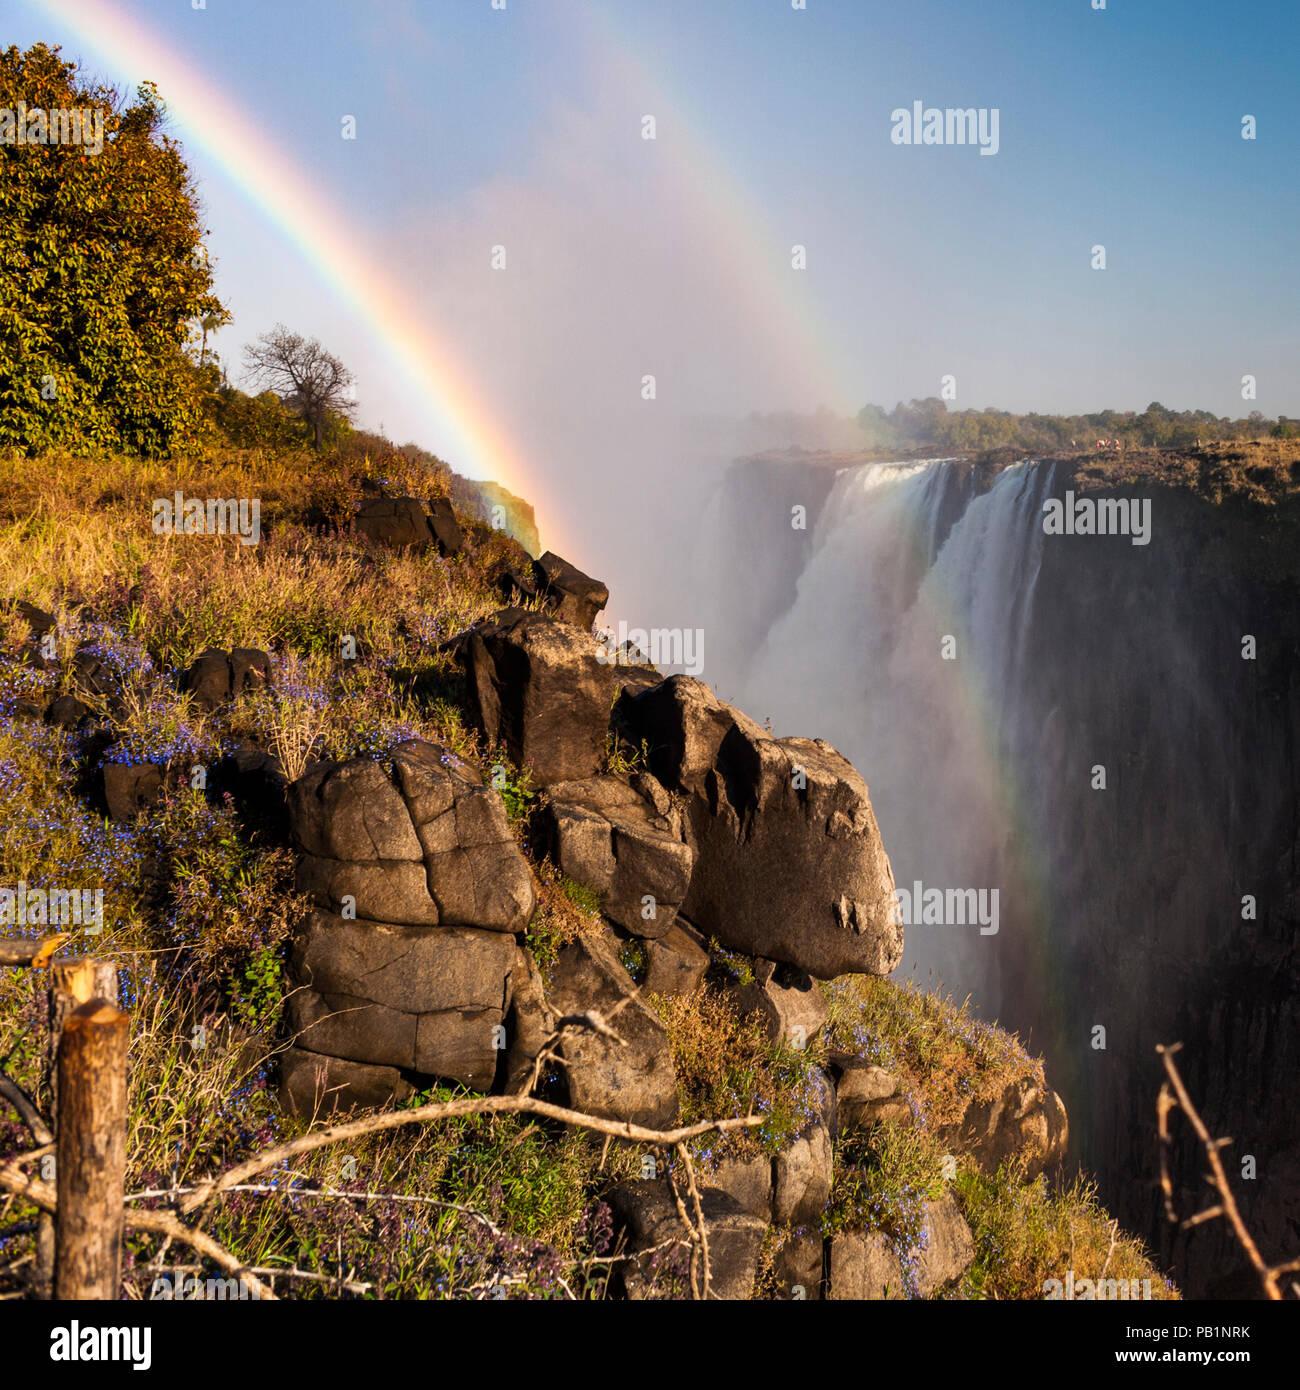 Las cataratas Victoria en Zimbabwe, África Imagen De Stock